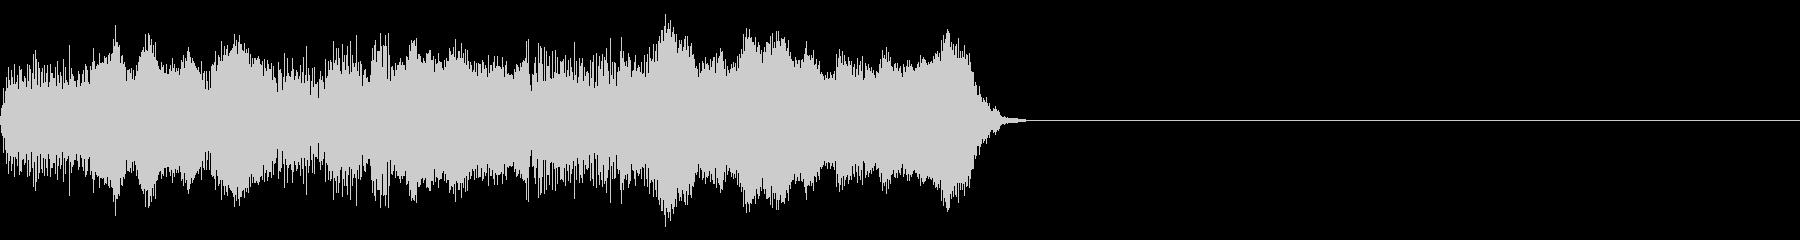 コックピットなどの細かい電子音_09の未再生の波形